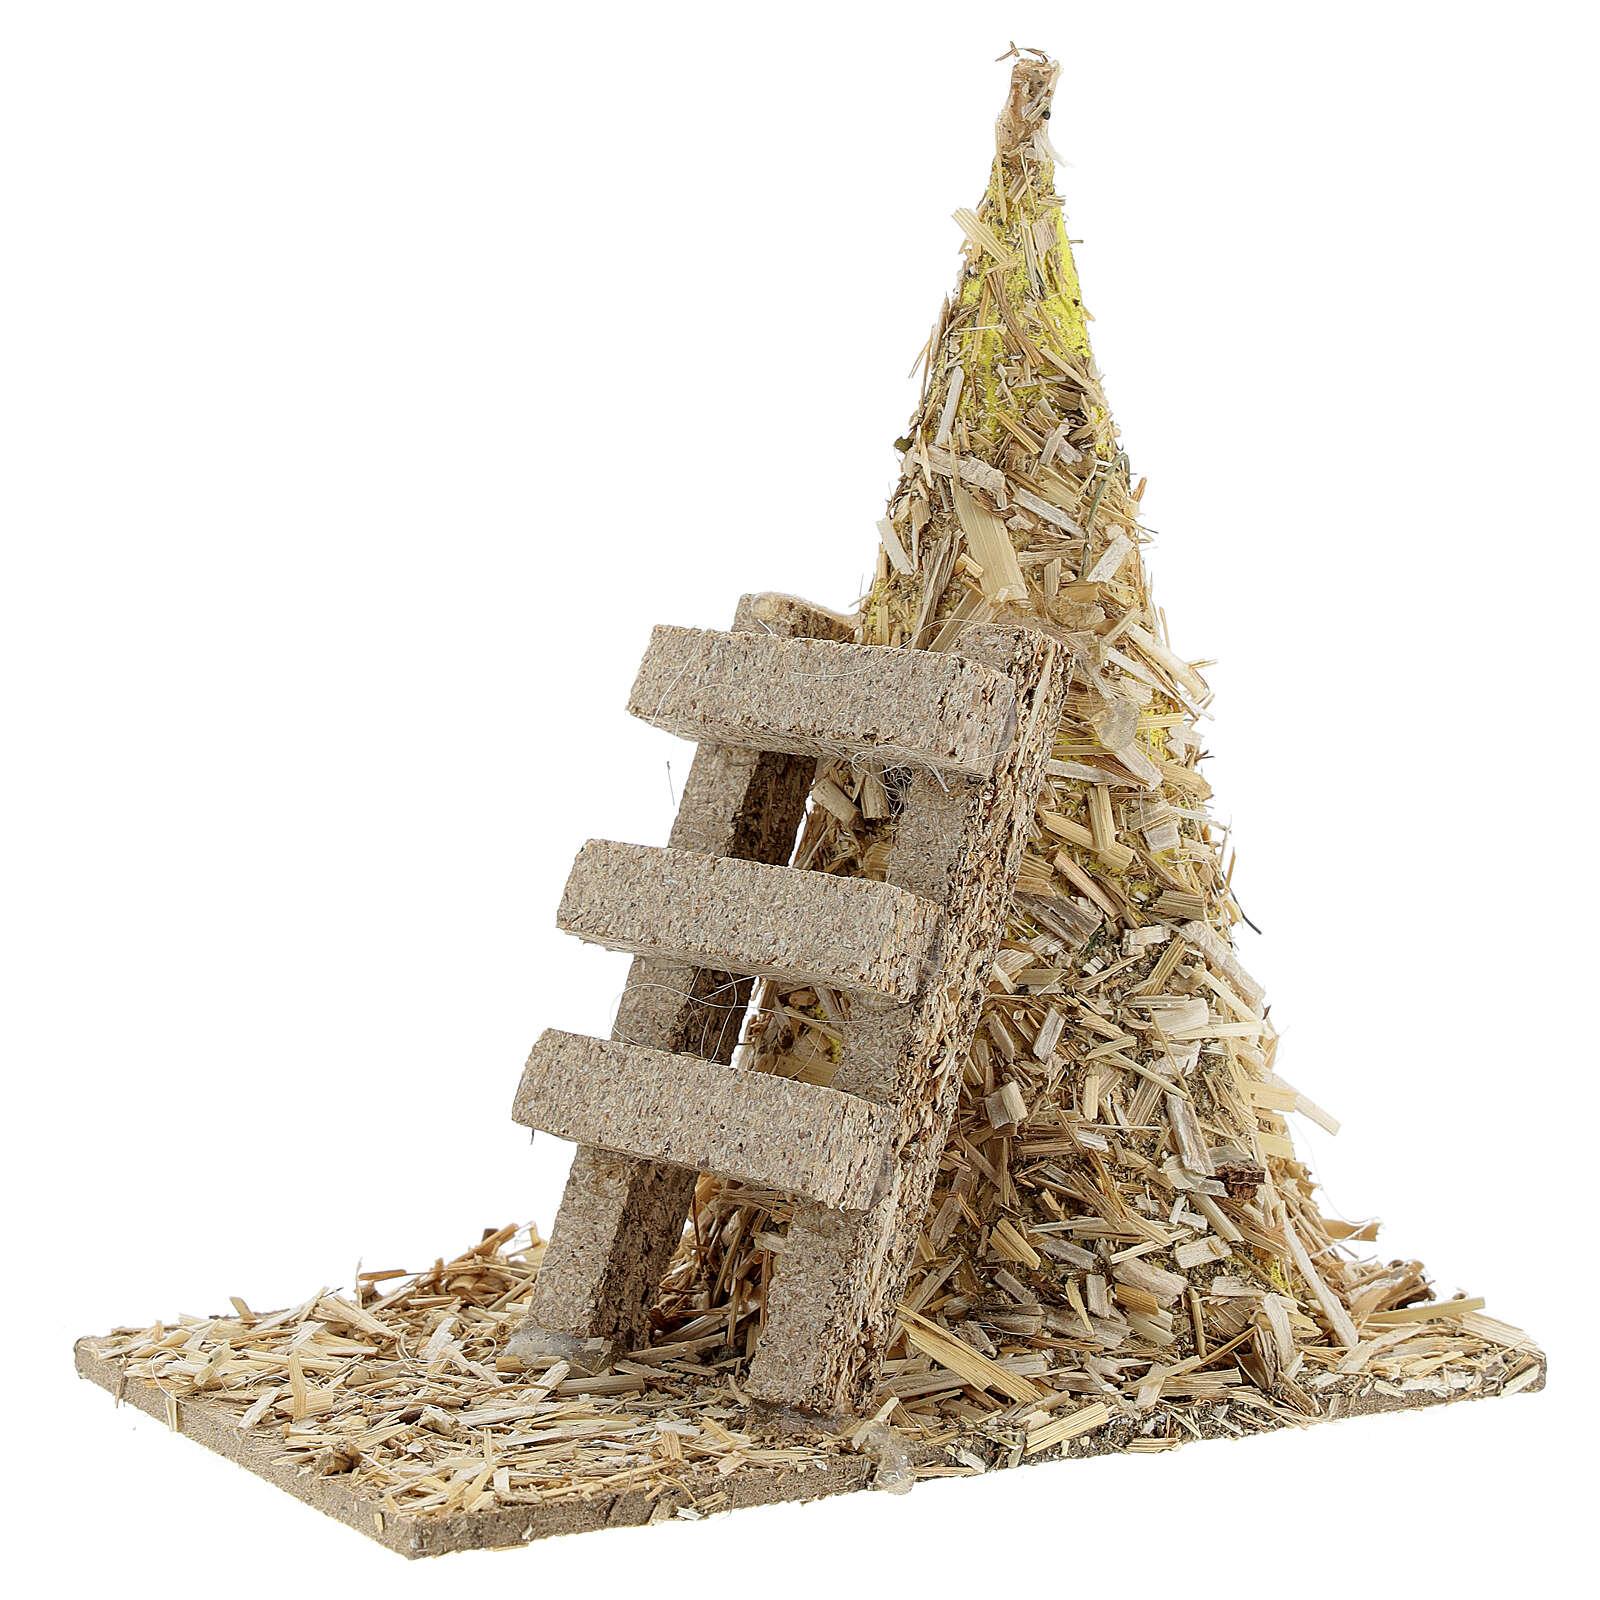 Palheiro com escada miniatura 12x12x7 cm para presépio com figuras altura média 8-10 cm 4